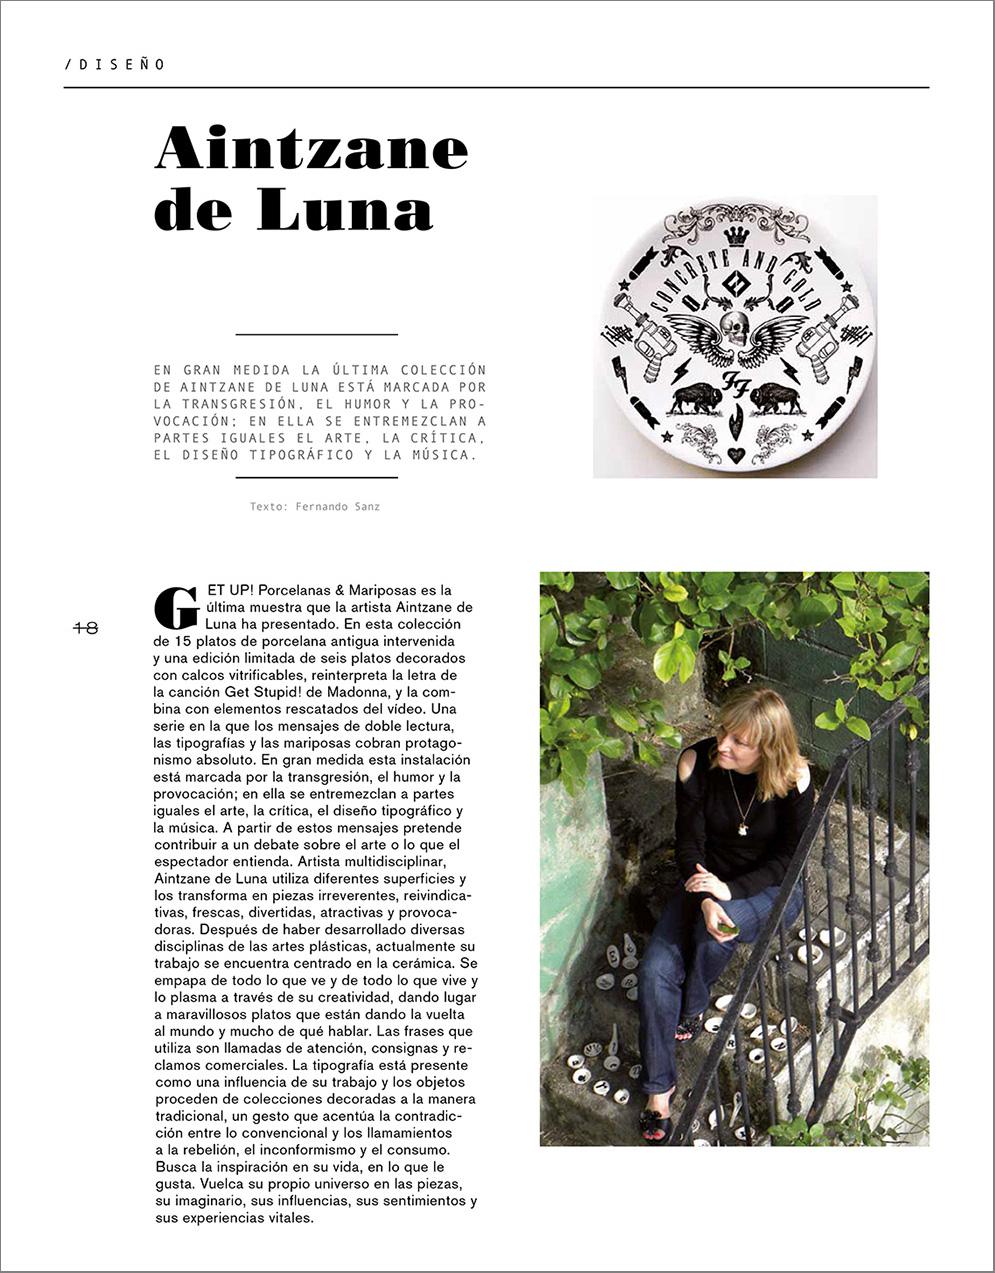 Deluna Ceramics en I LOVE BILBAO